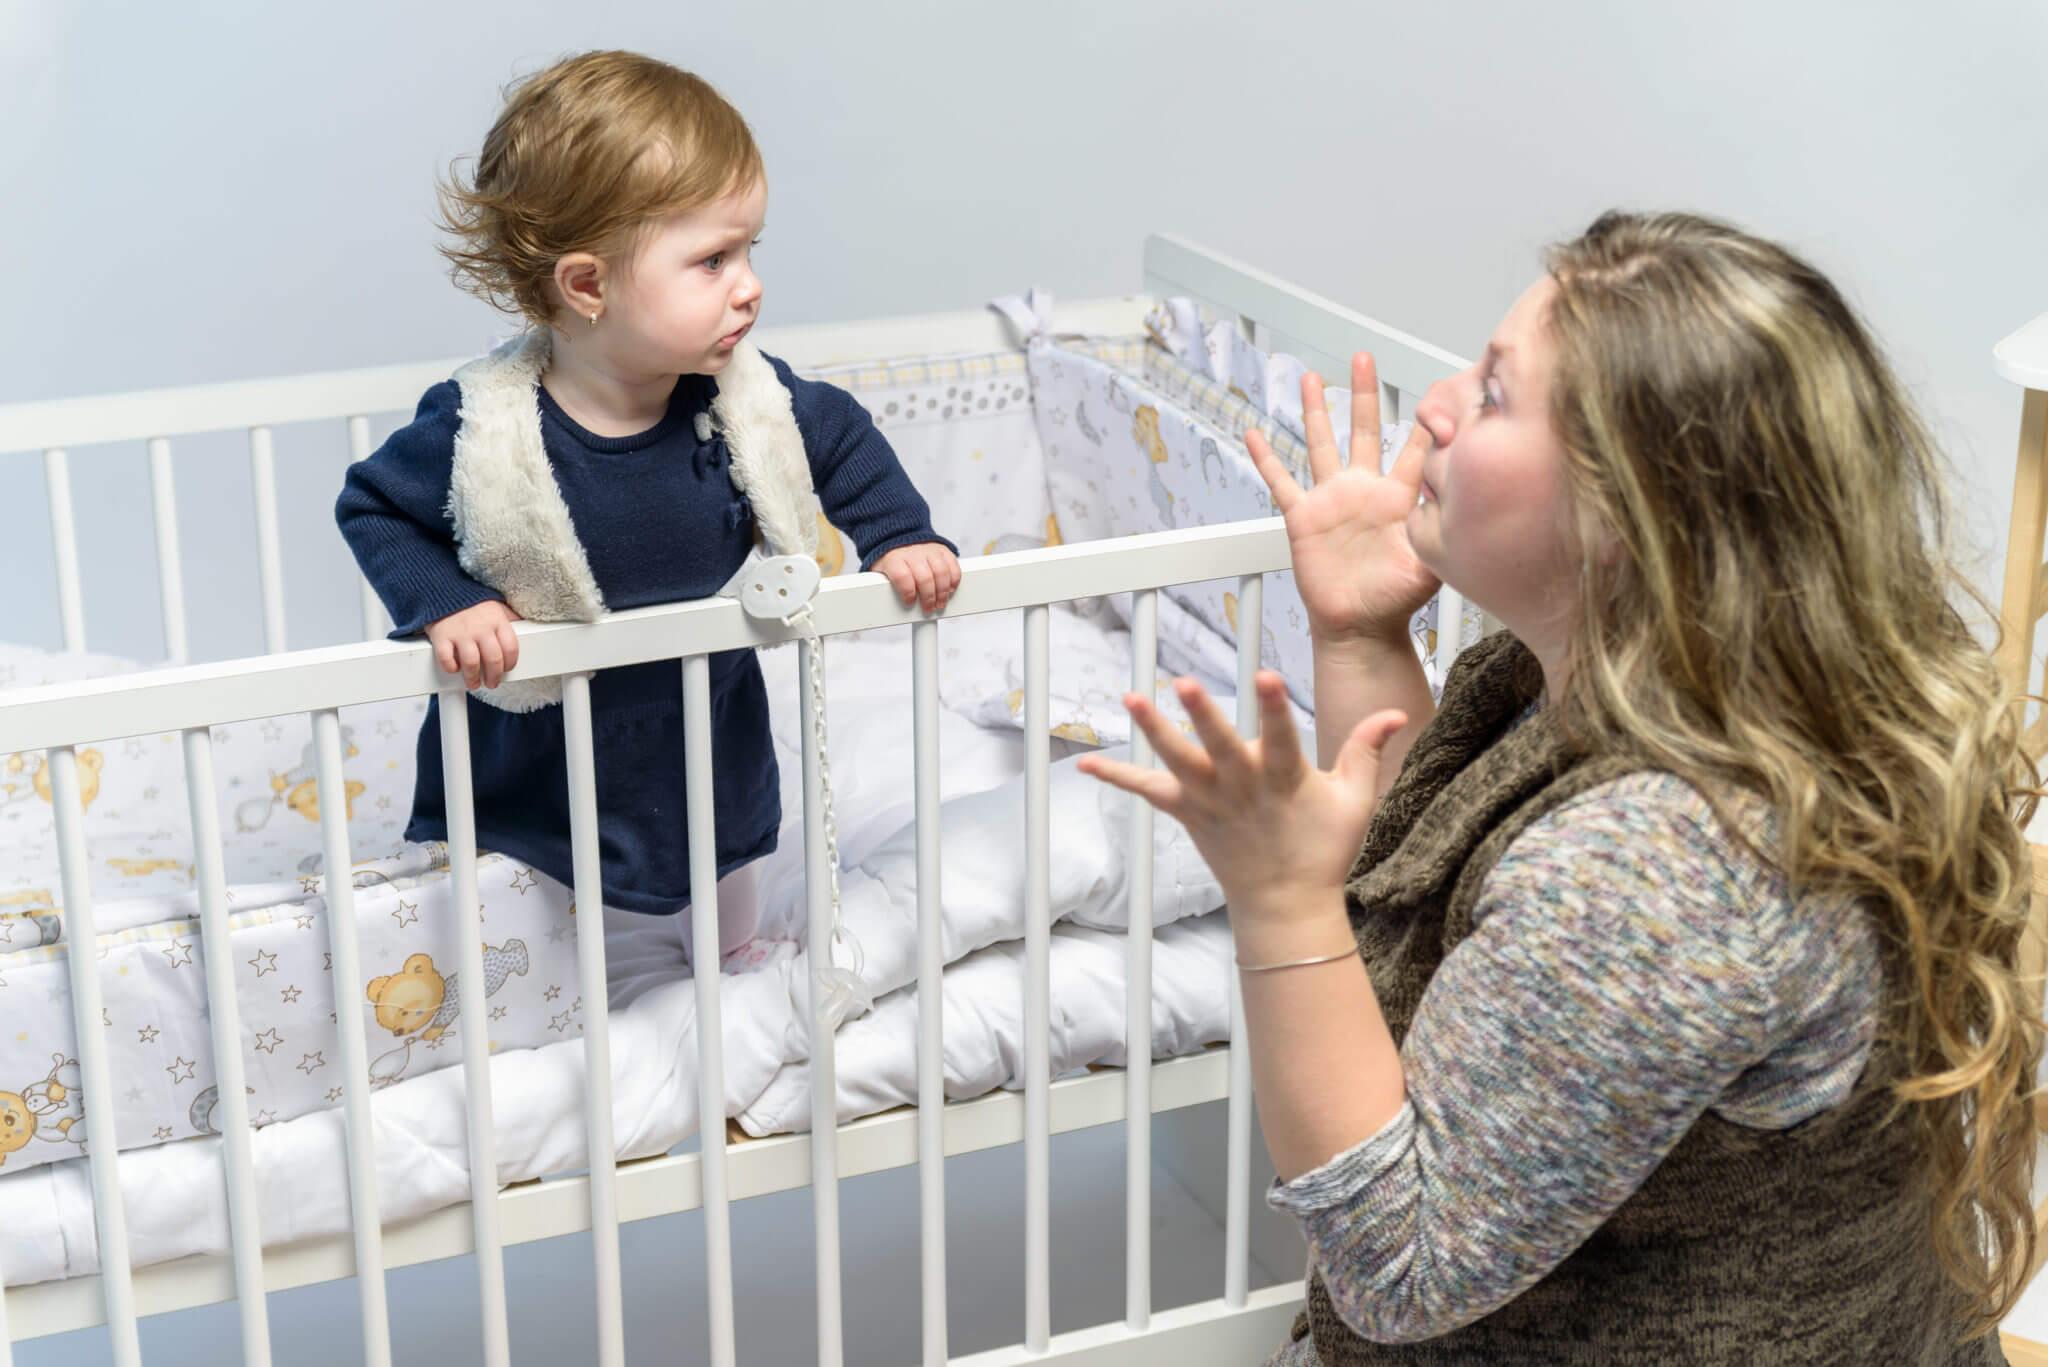 Einschlafprobleme mit Kleinkindern